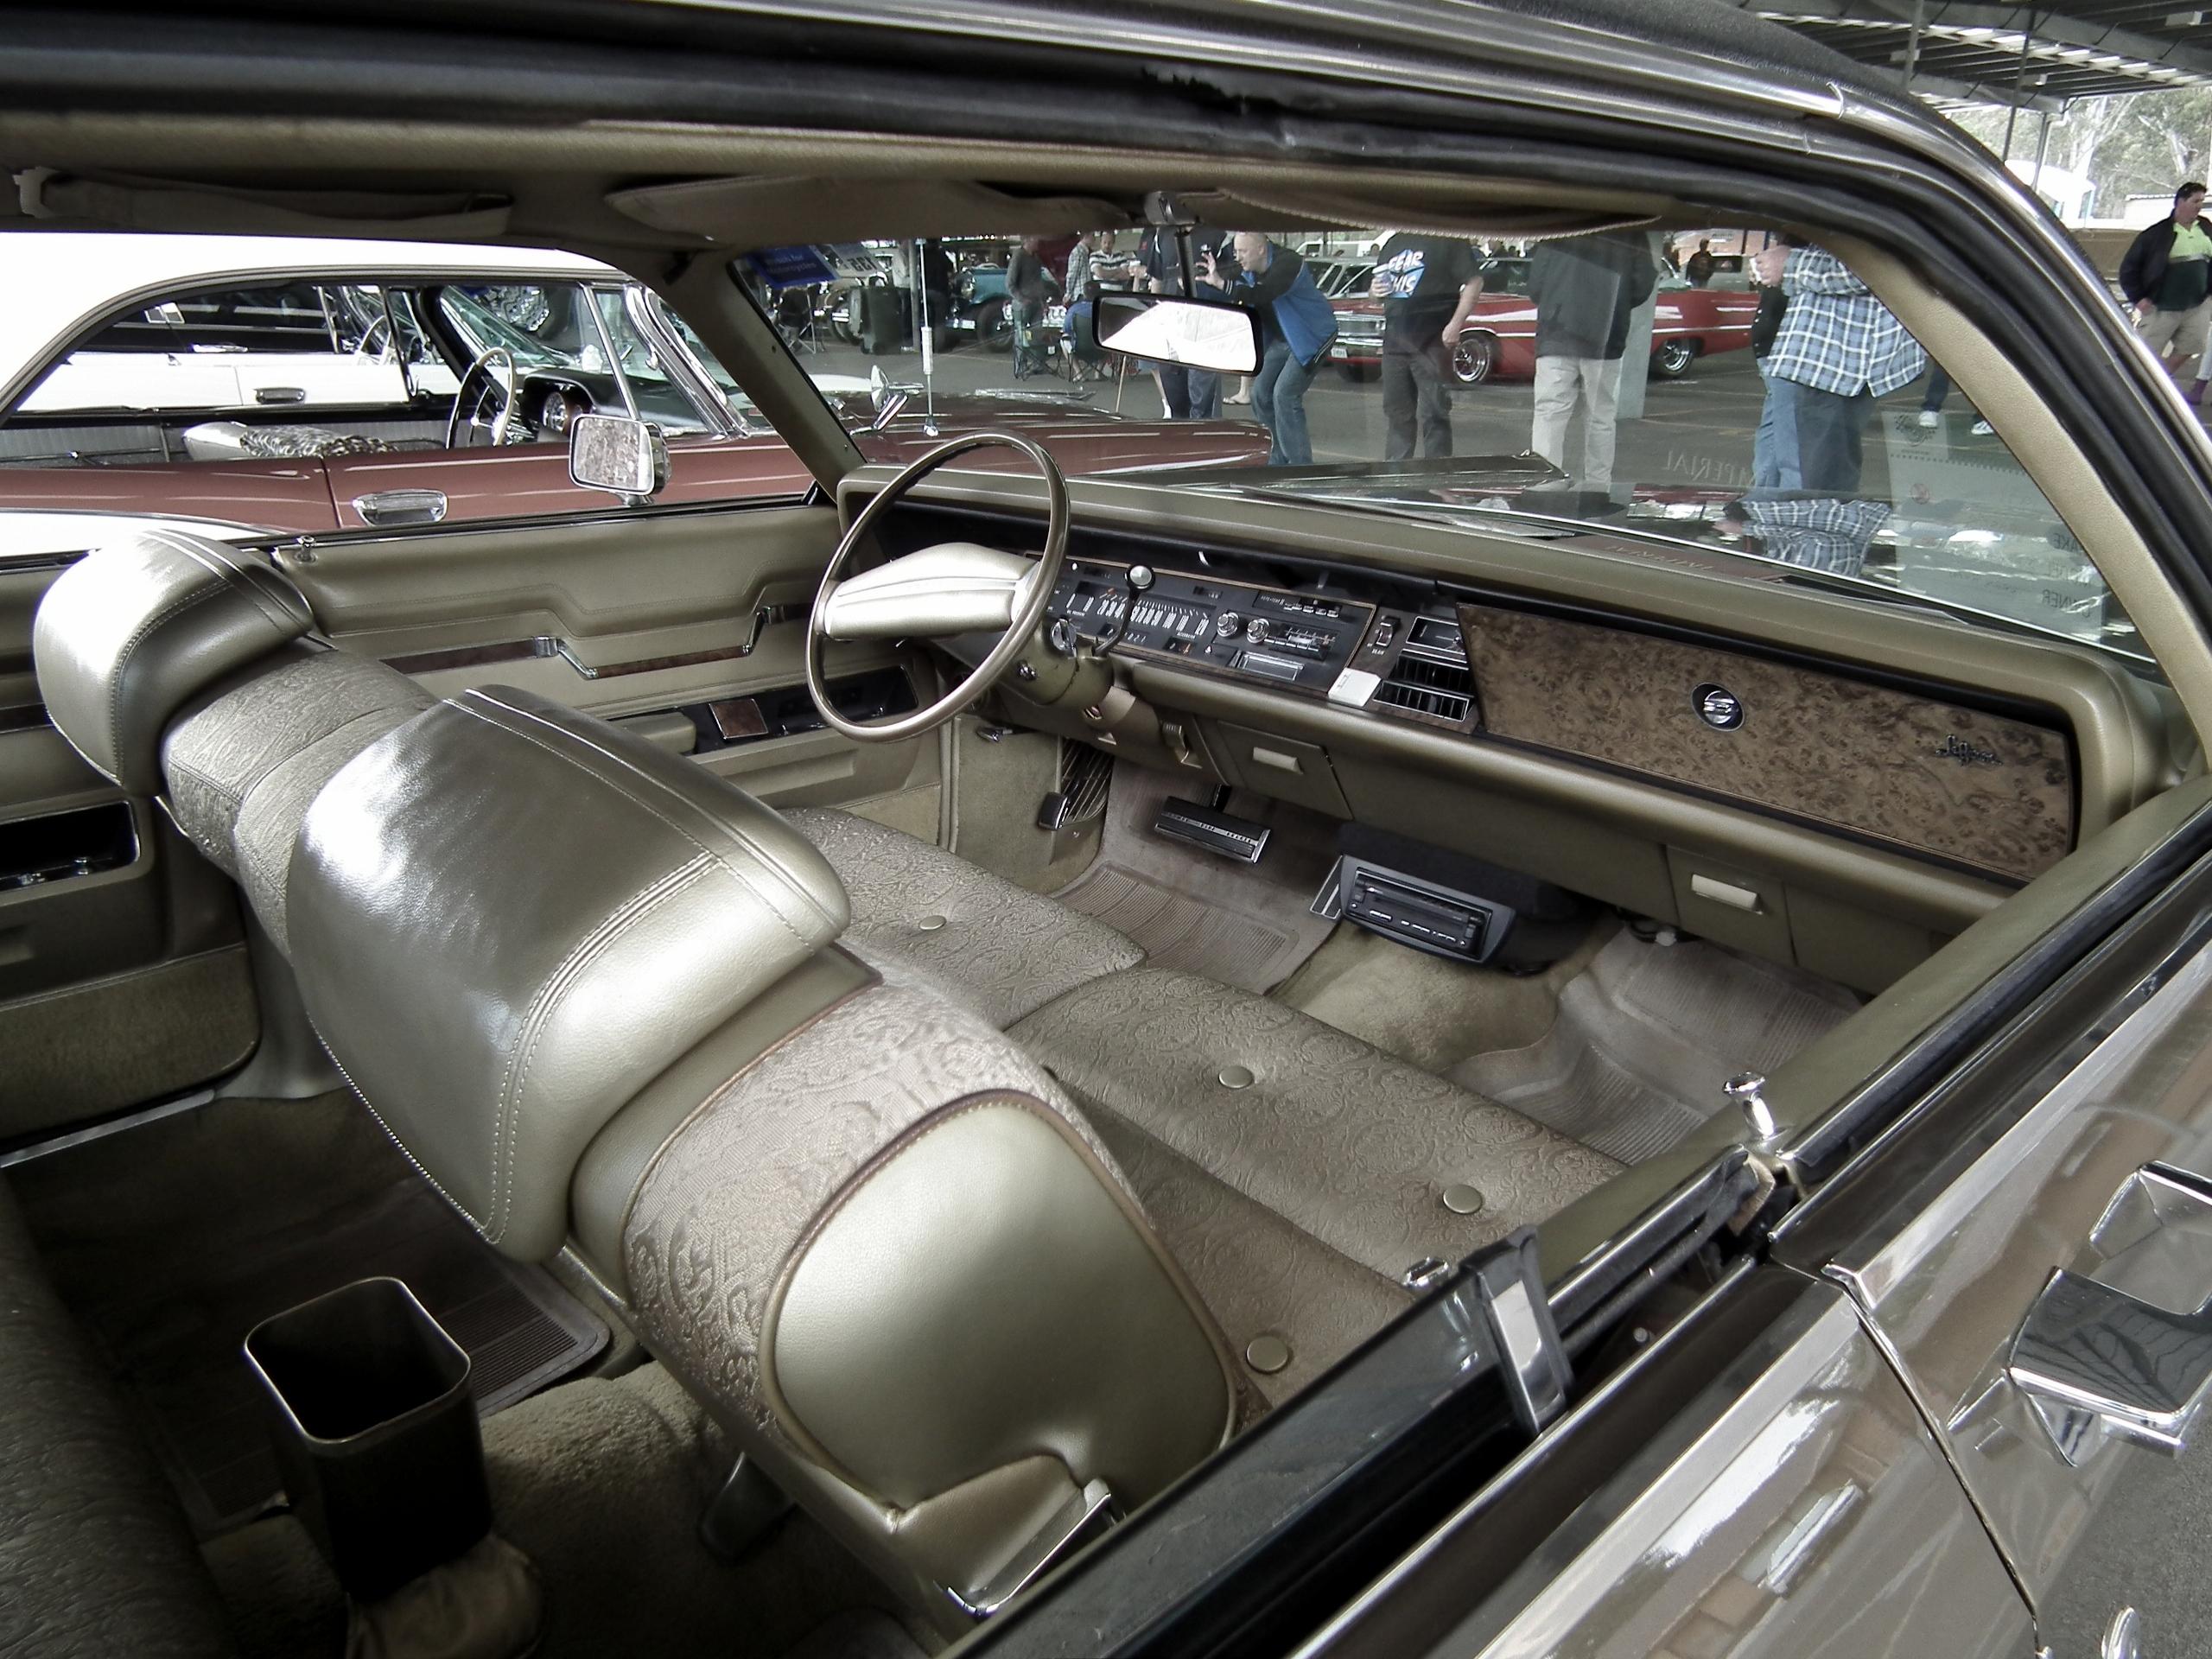 File:1971 Chrysler Imperial LeBaron hardtop sedan (8184793800).jpg on 1985 chrysler lebaron, plymouth fury, dodge polara, chrysler gran fury, 1960 chrysler lebaron, chrysler lebaron convertible red, amc gremlin, chrysler new yorker, chrysler cordoba, 1975 chrysler lebaron, chrysler newport, chrysler pt cruiser car, chrysler k car limousine, plymouth valiant, chrysler lebaron 4 door, dodge monaco, 90 chrysler lebaron, 1931 chrysler lebaron, chrysler lebaron gts, dodge charger, lincoln continental, chrysler lebaron coupe, 1978 chrysler lebaron, chrysler town & country, chrysler 300 sedan, 1979 chrysler lebaron, 1987 chrysler lebaron, 1980 chrysler lebaron,